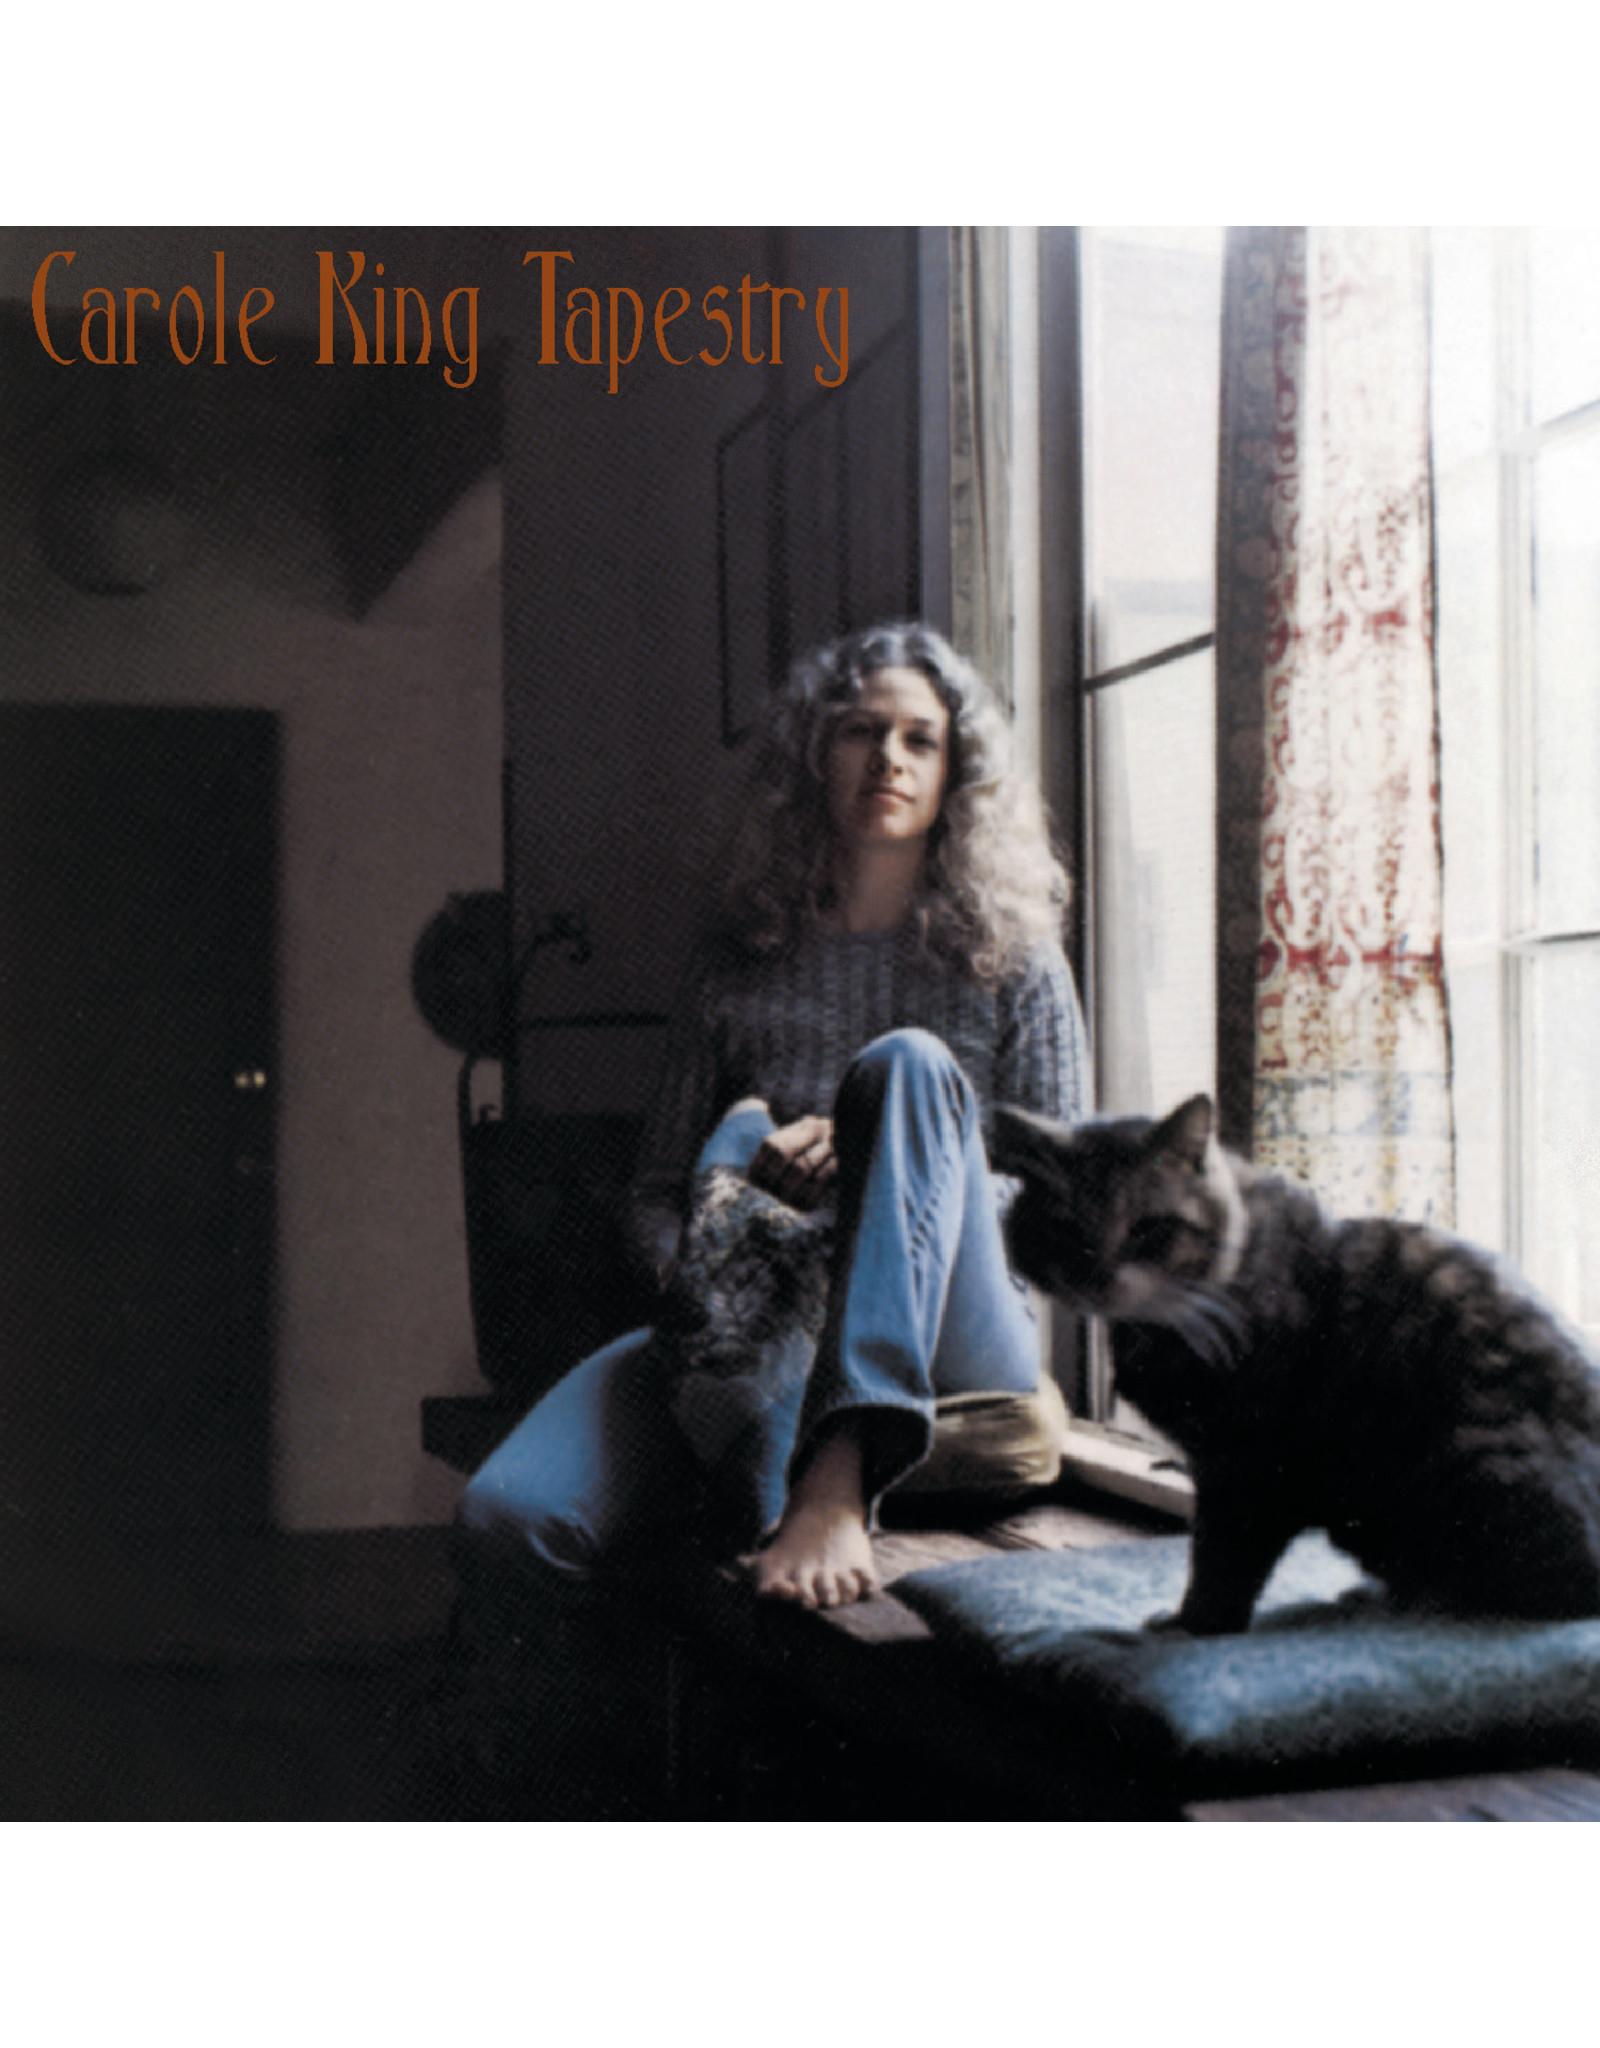 King, Carol - Tapestry LP